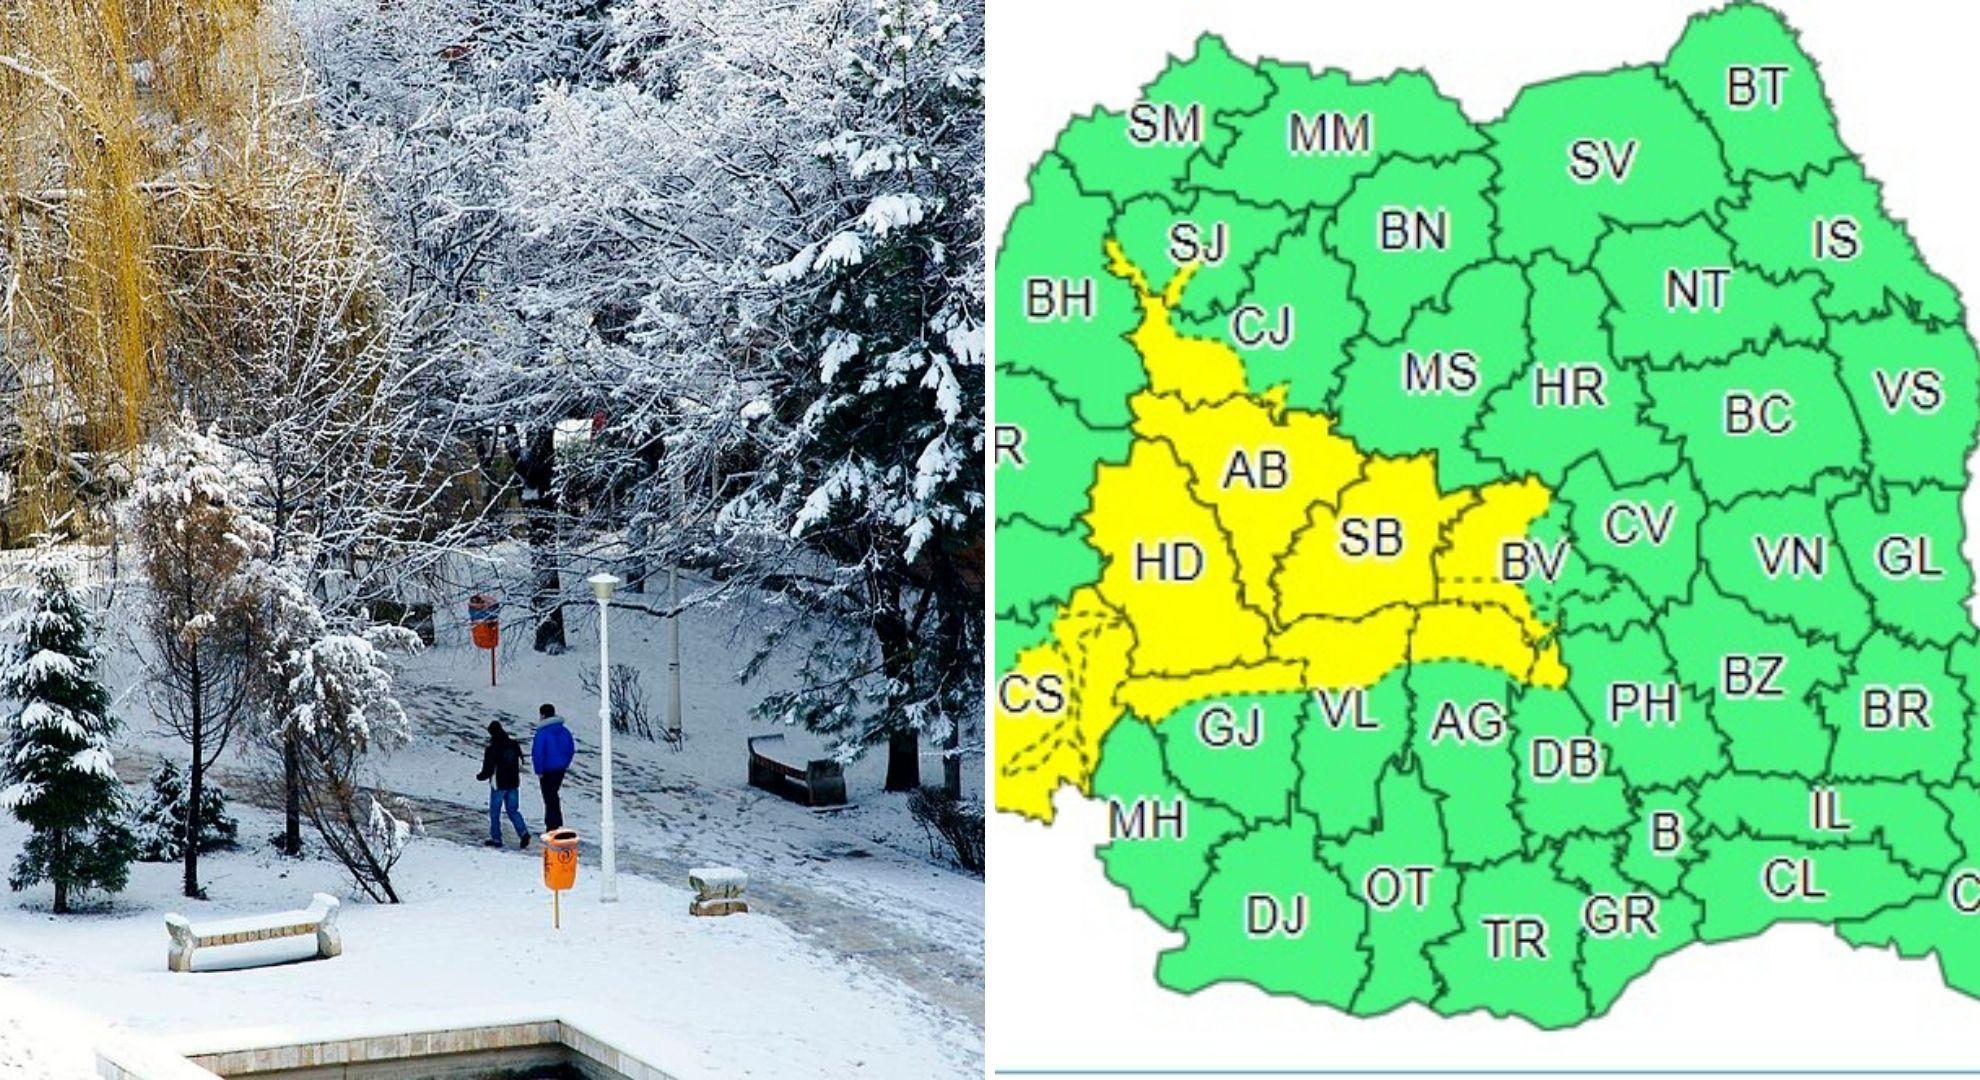 Prognoza meteo 21-22 noiembrie 2020. Temperaturi minime negative în toată țara